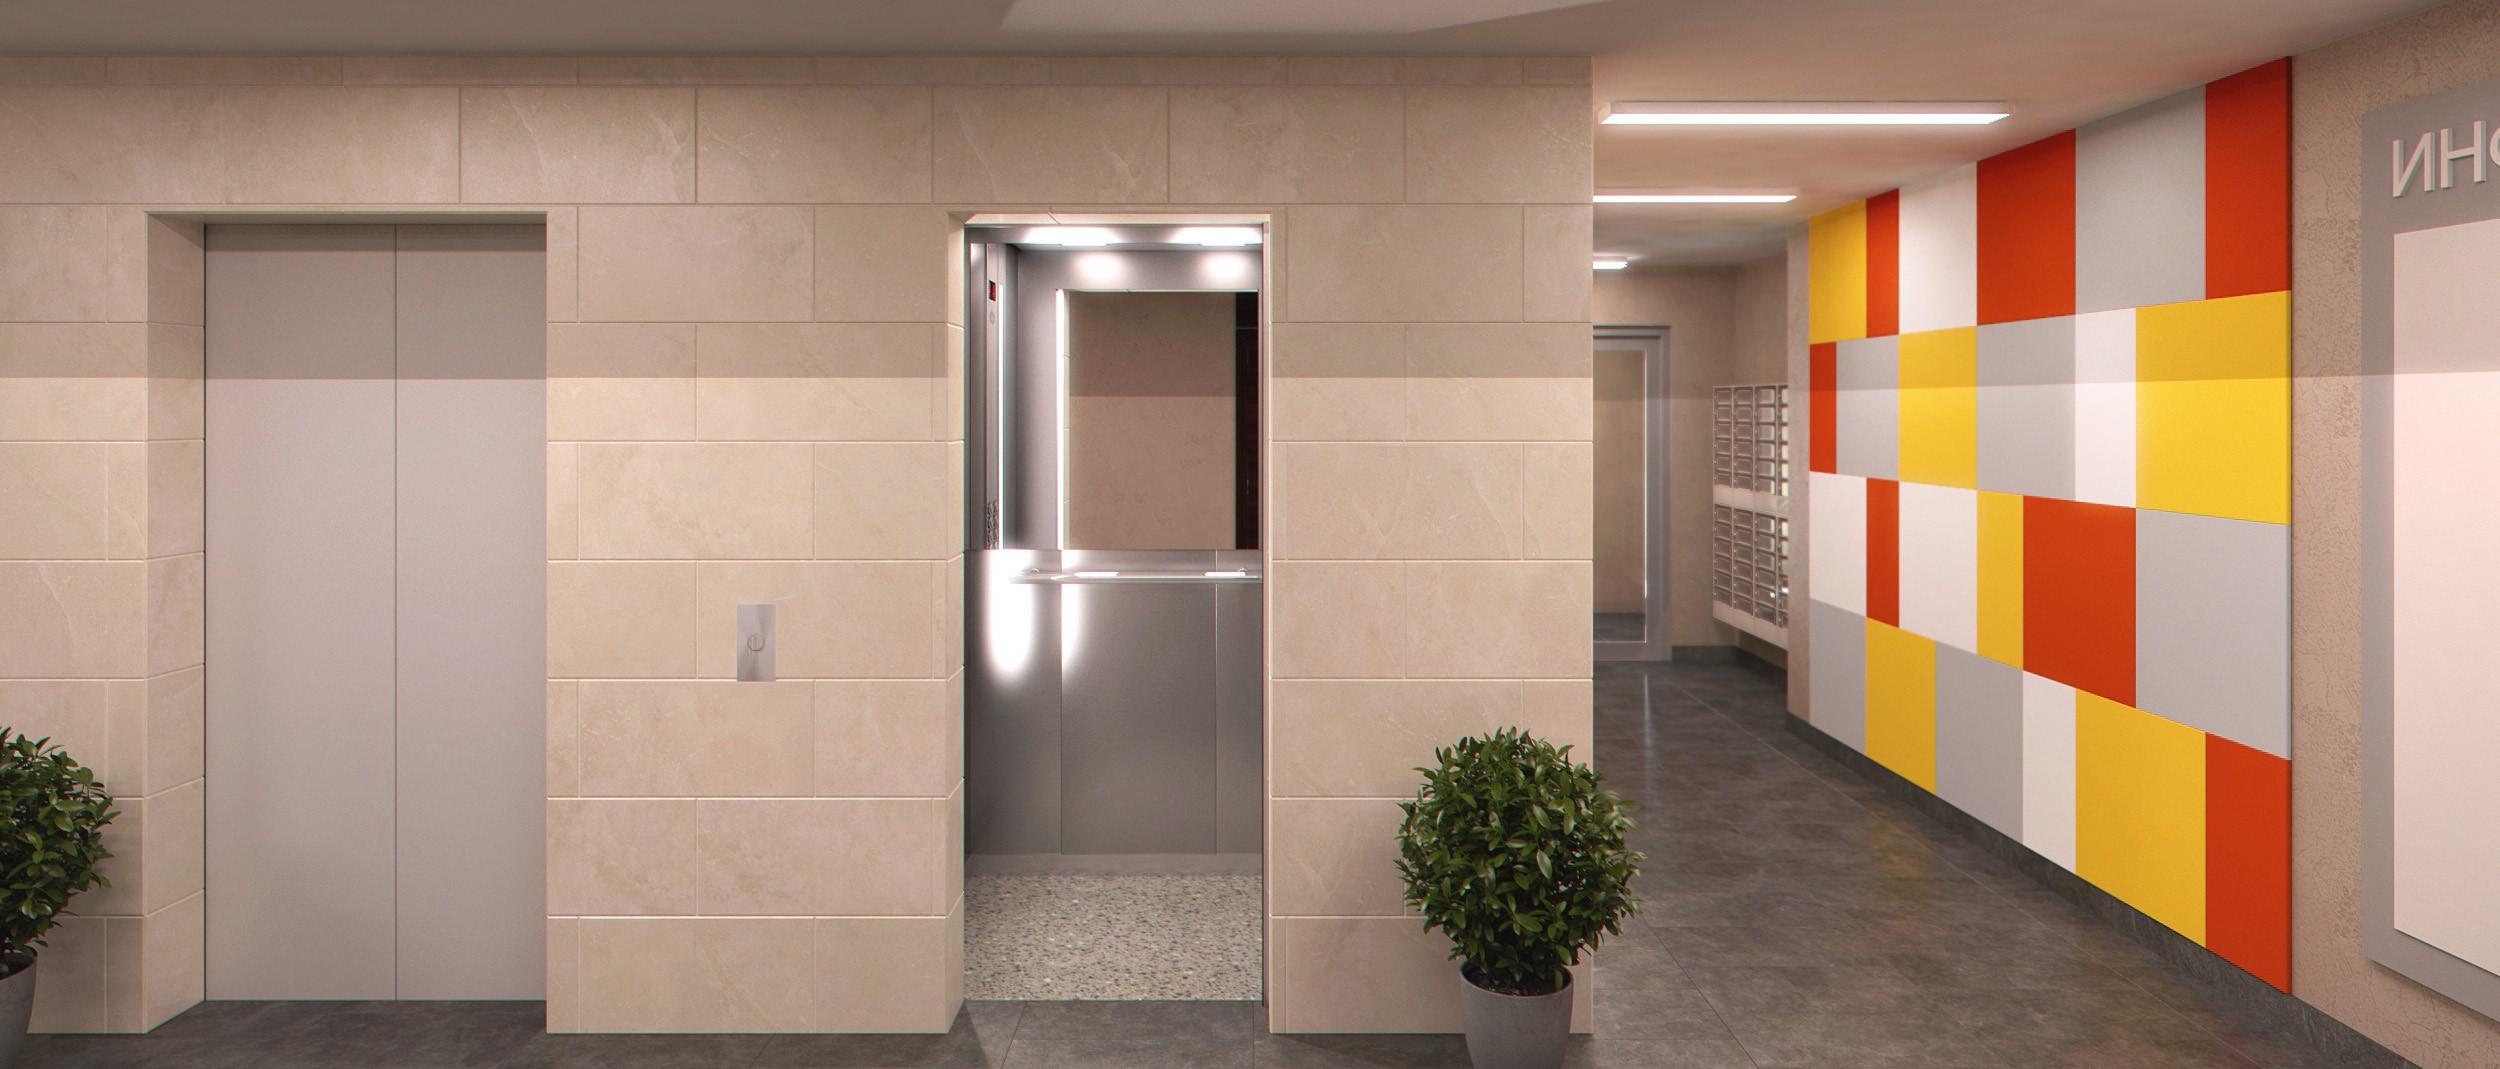 реклама в лифтах жилых домов